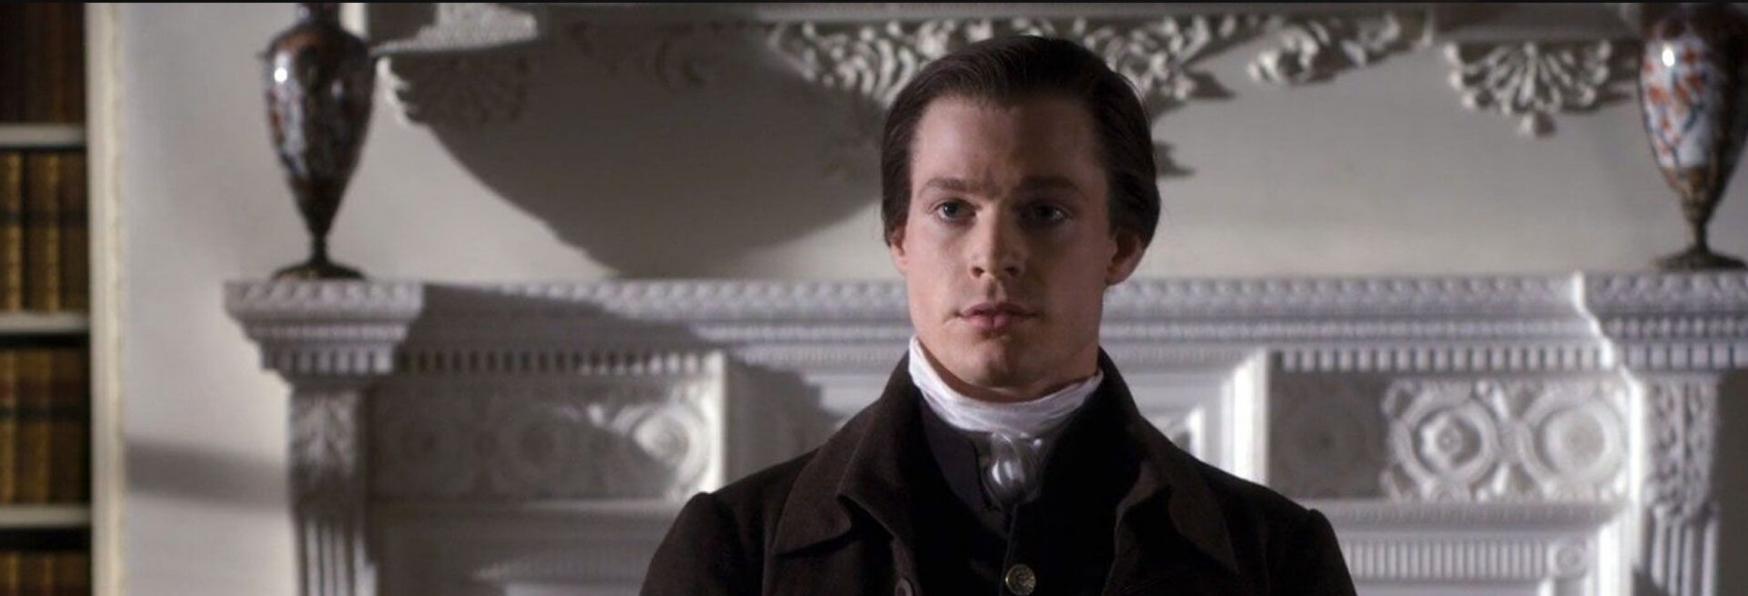 Intervista col Vampiro: Sam Reid interpreterà Lestat nella nuova Serie TV targata AMC